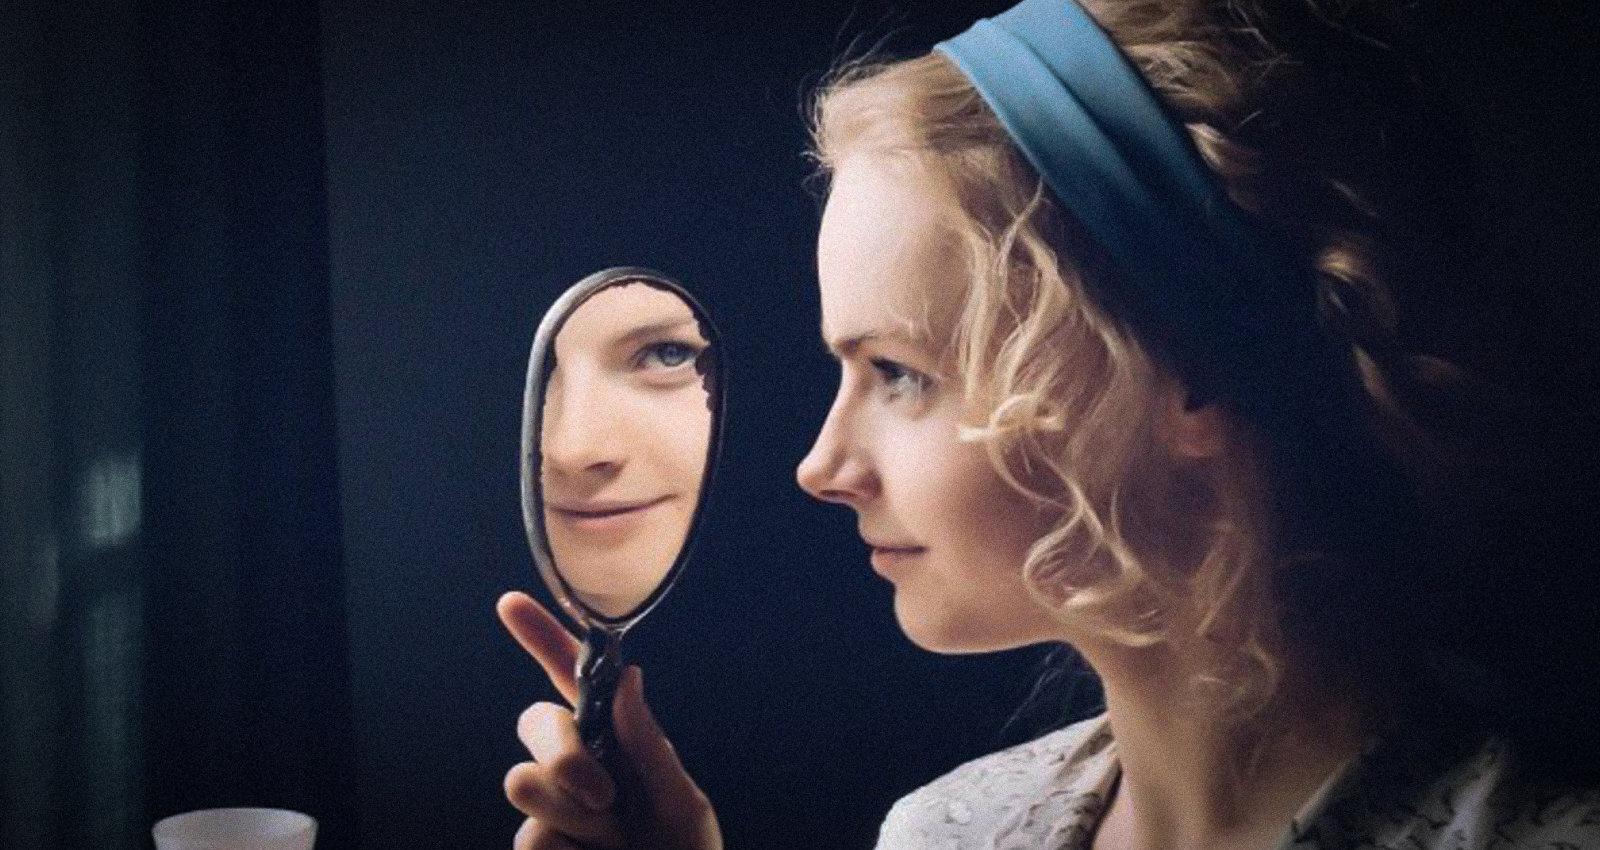 Ieva Florence-Vīksne: māksla diktē noteikumus, sava dzīve jāpievelk klāt